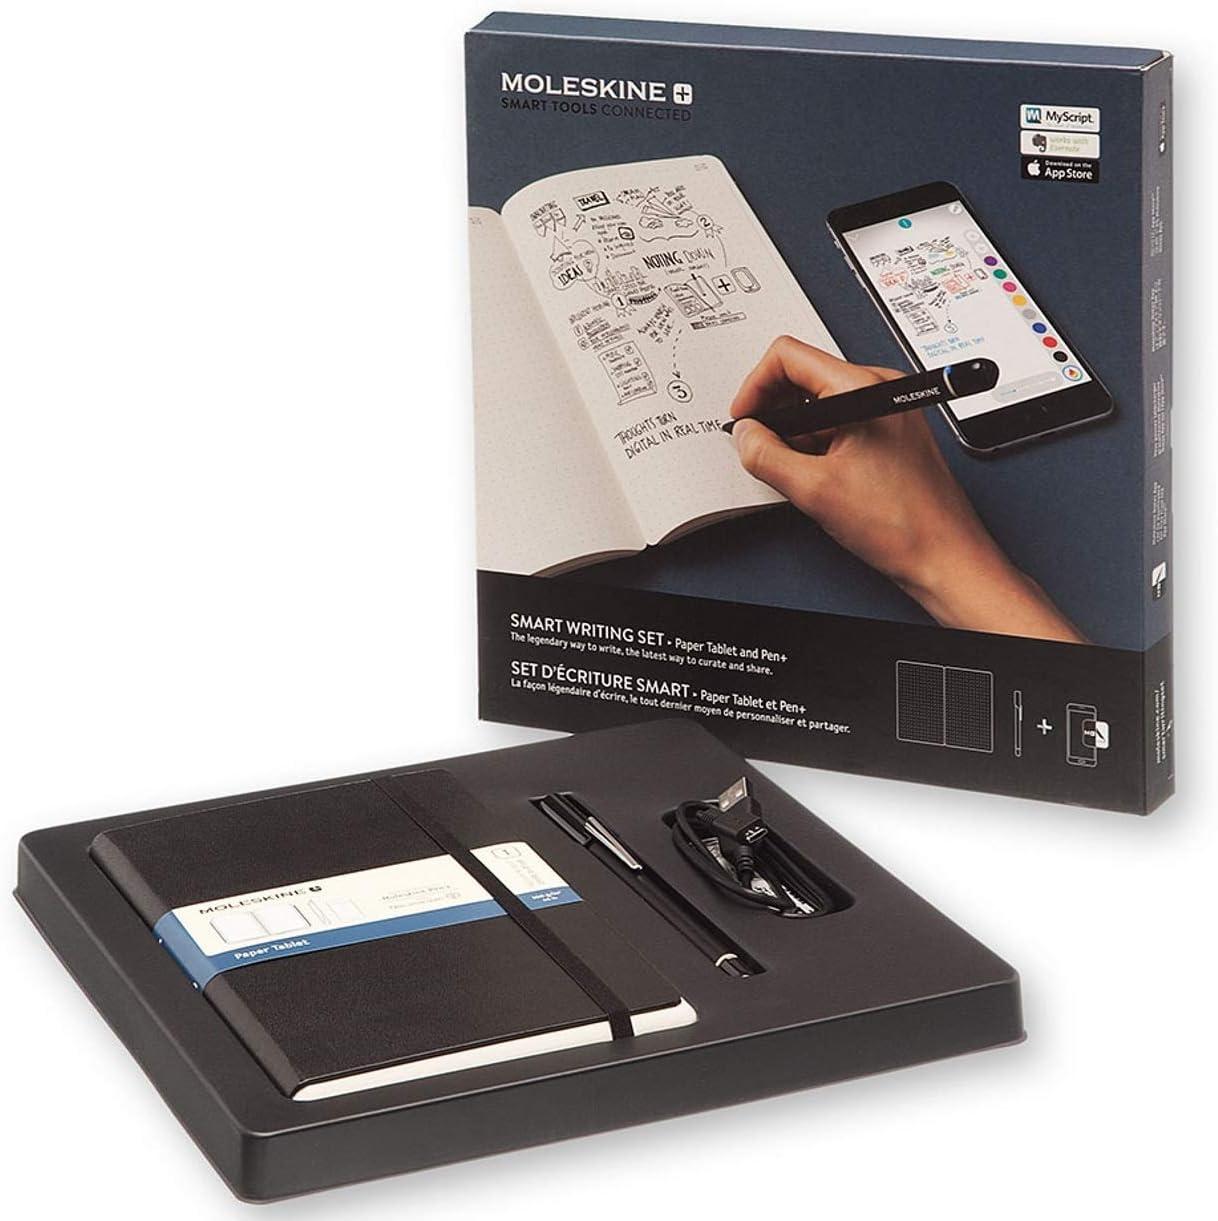 Moleskine Smart Writing Set - Set de Escritura Inteligente, Cuaderno Digital y Bolígrafo, Hojas Punteadas, Color Negro: Amazon.es: Oficina y papelería